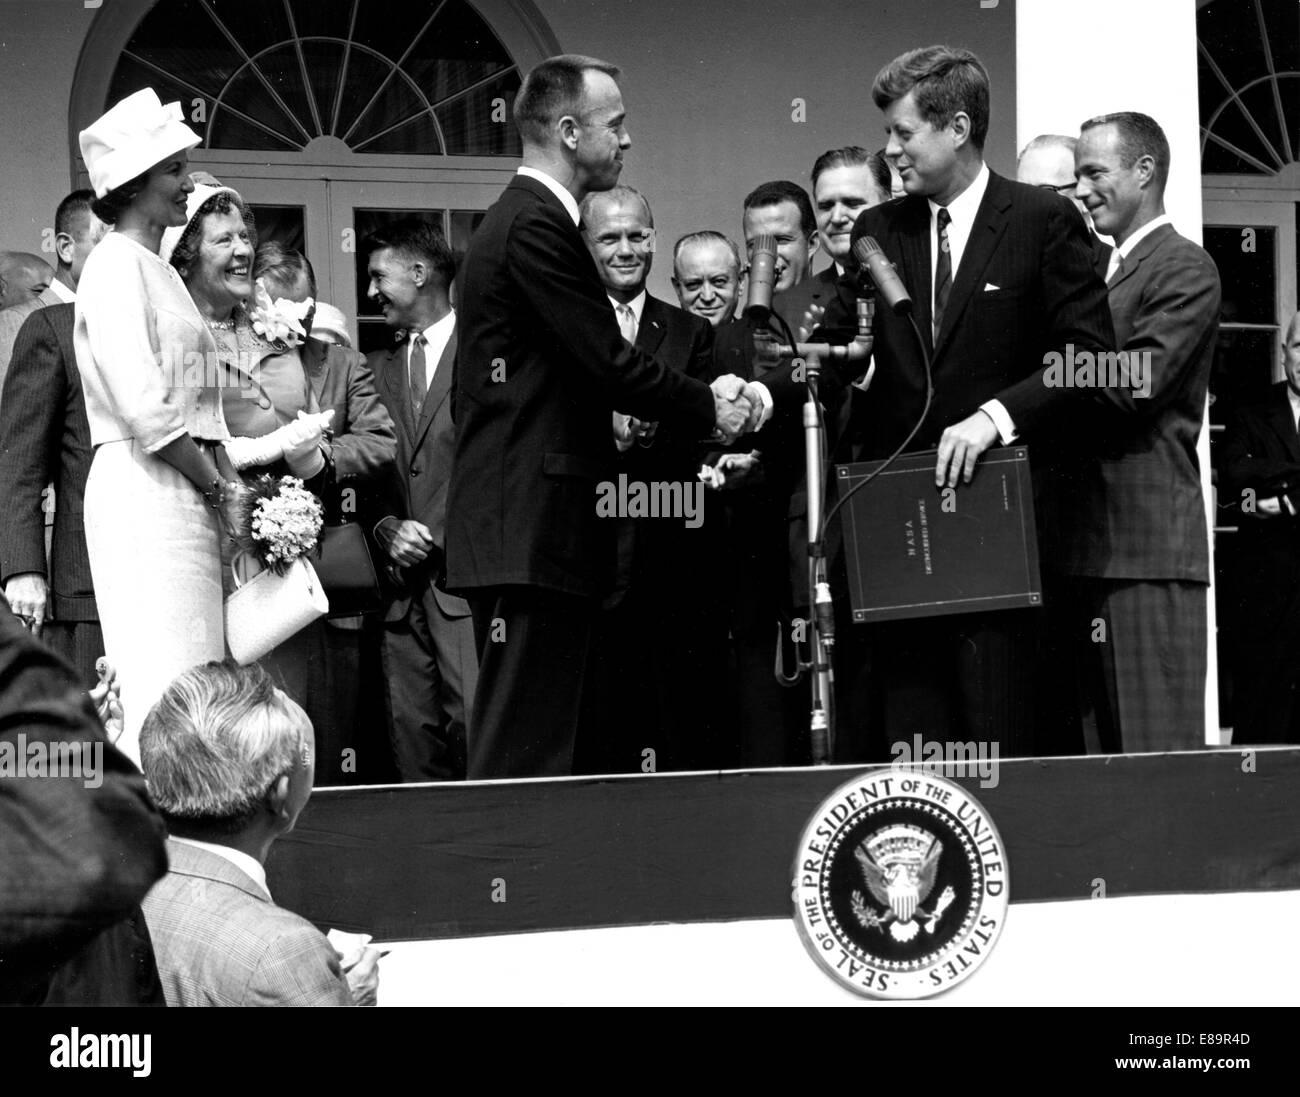 Präsident John F. Kennedy gratuliert Astronaut Alan B. Shepard, Jr., der erste Amerikaner im Weltall, auf seine Stockfoto